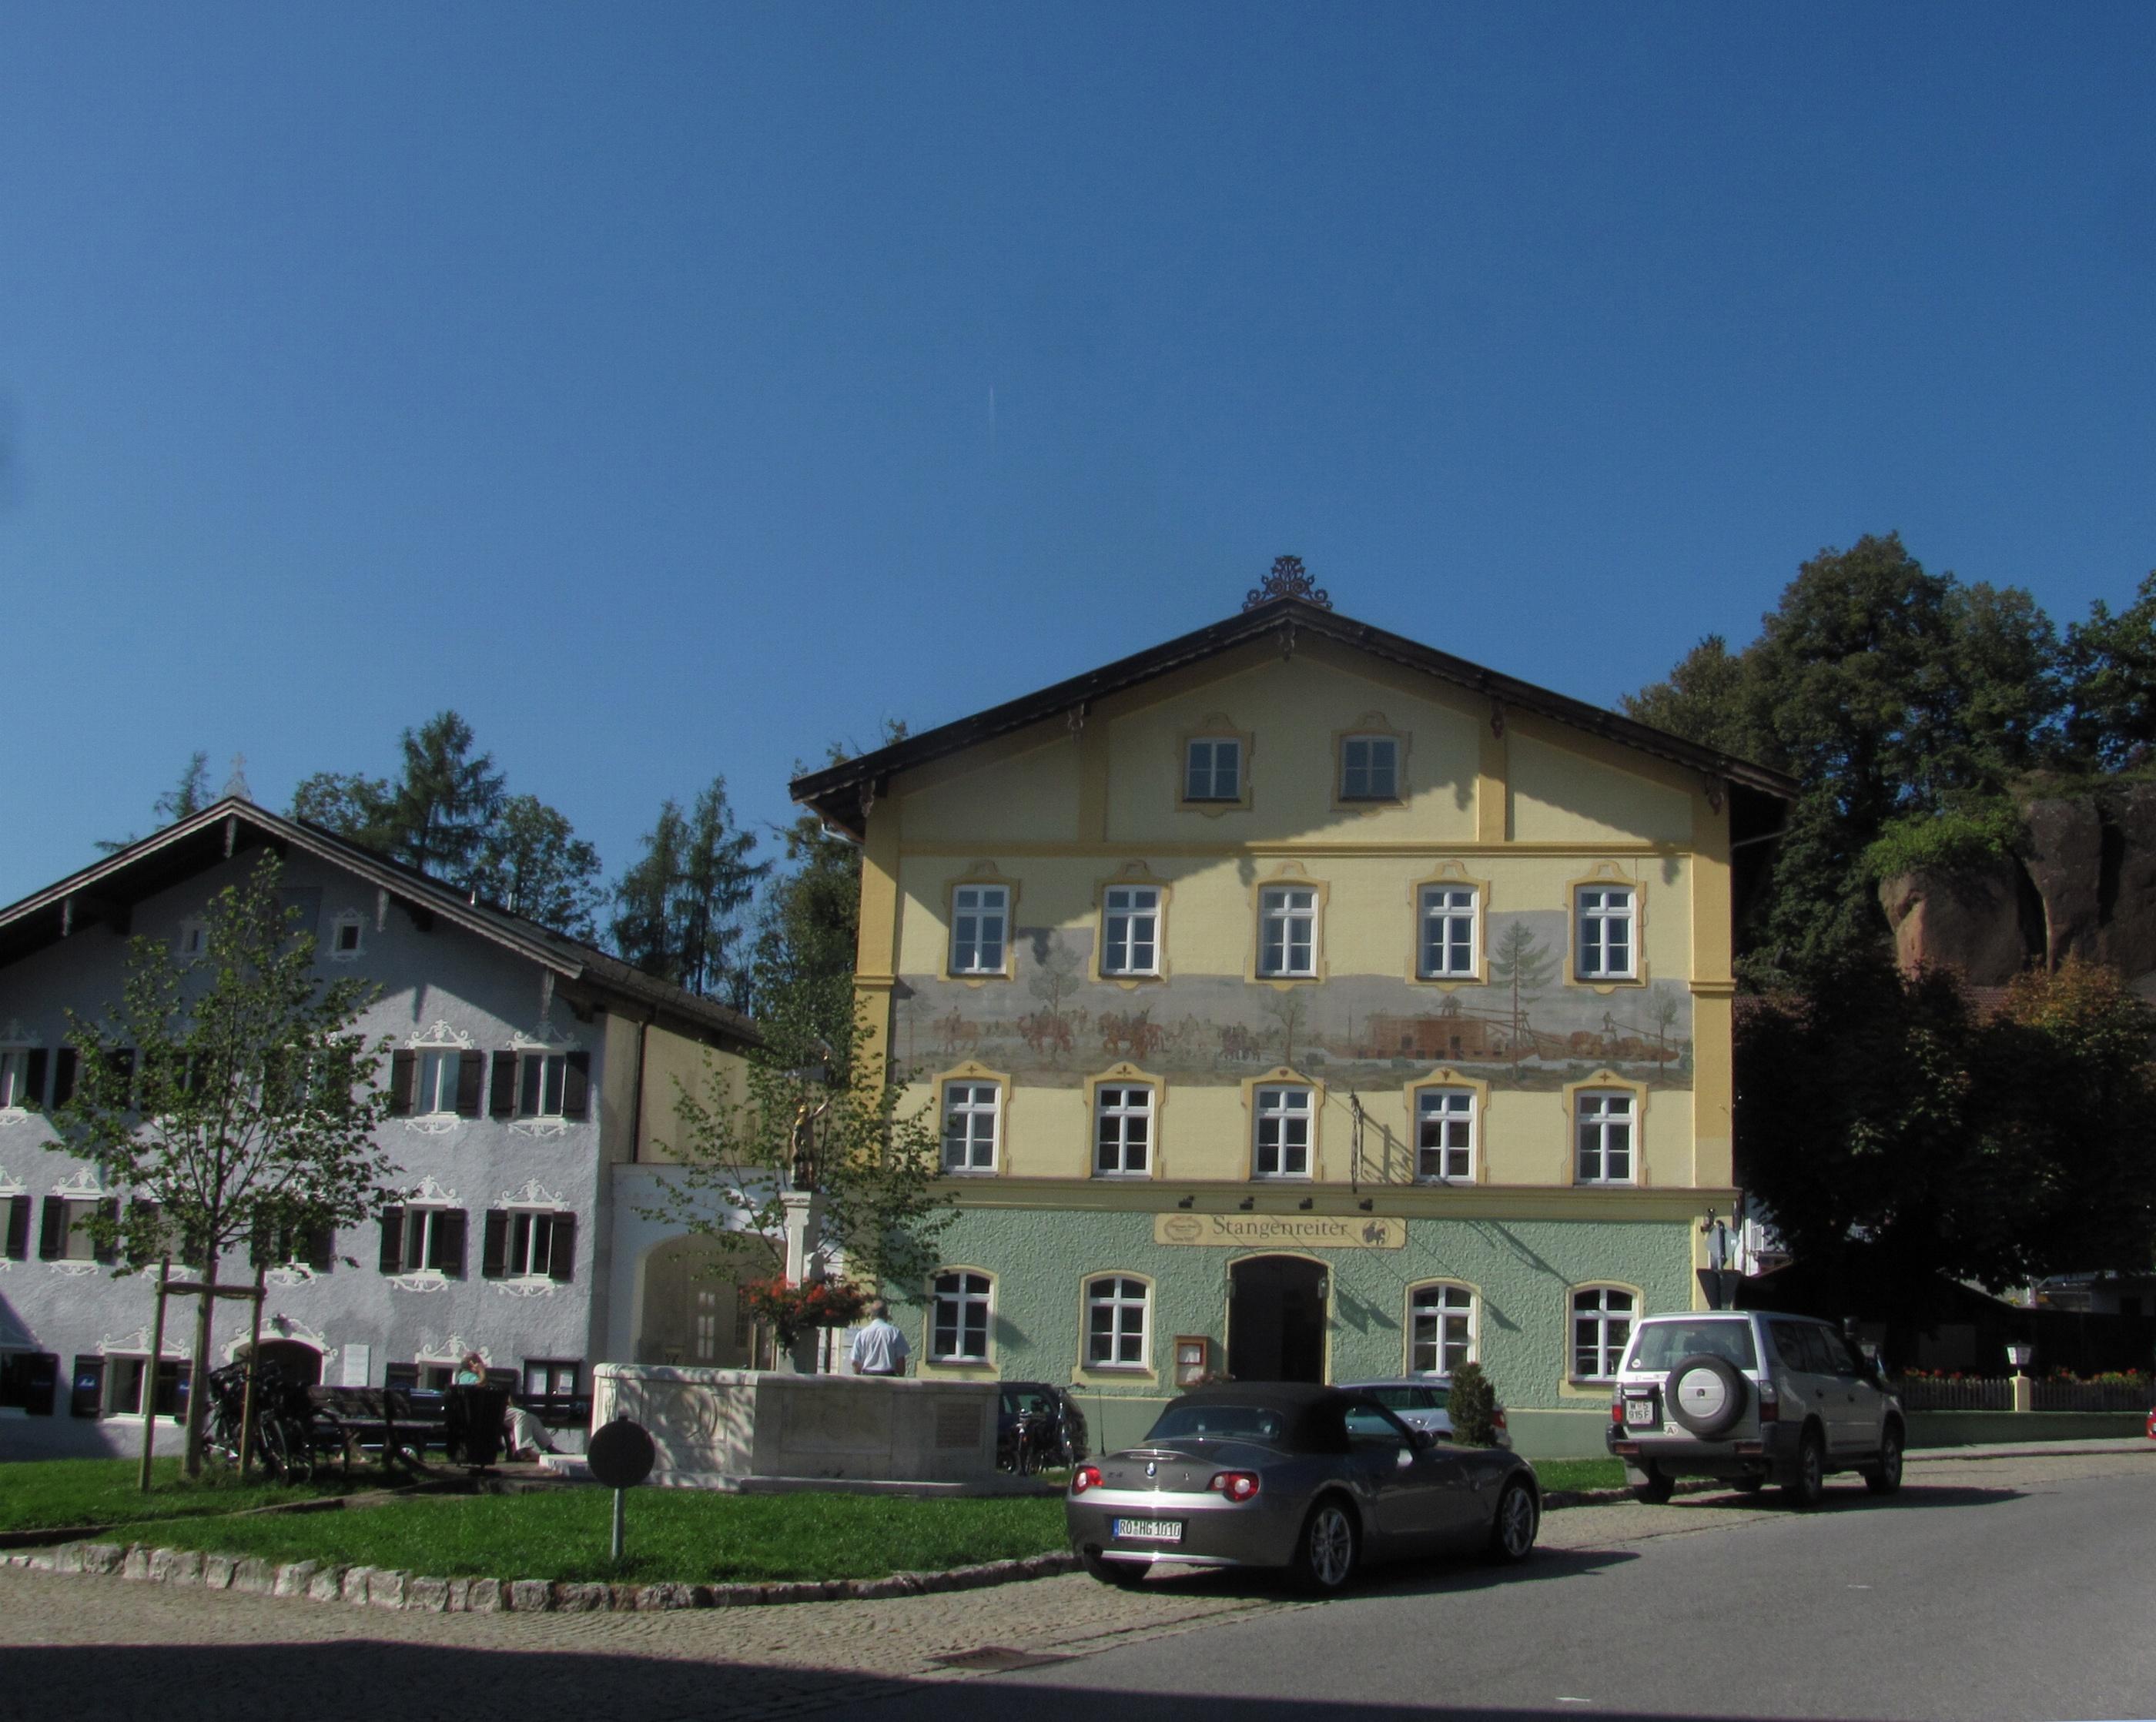 Marktplatz Neubeuern